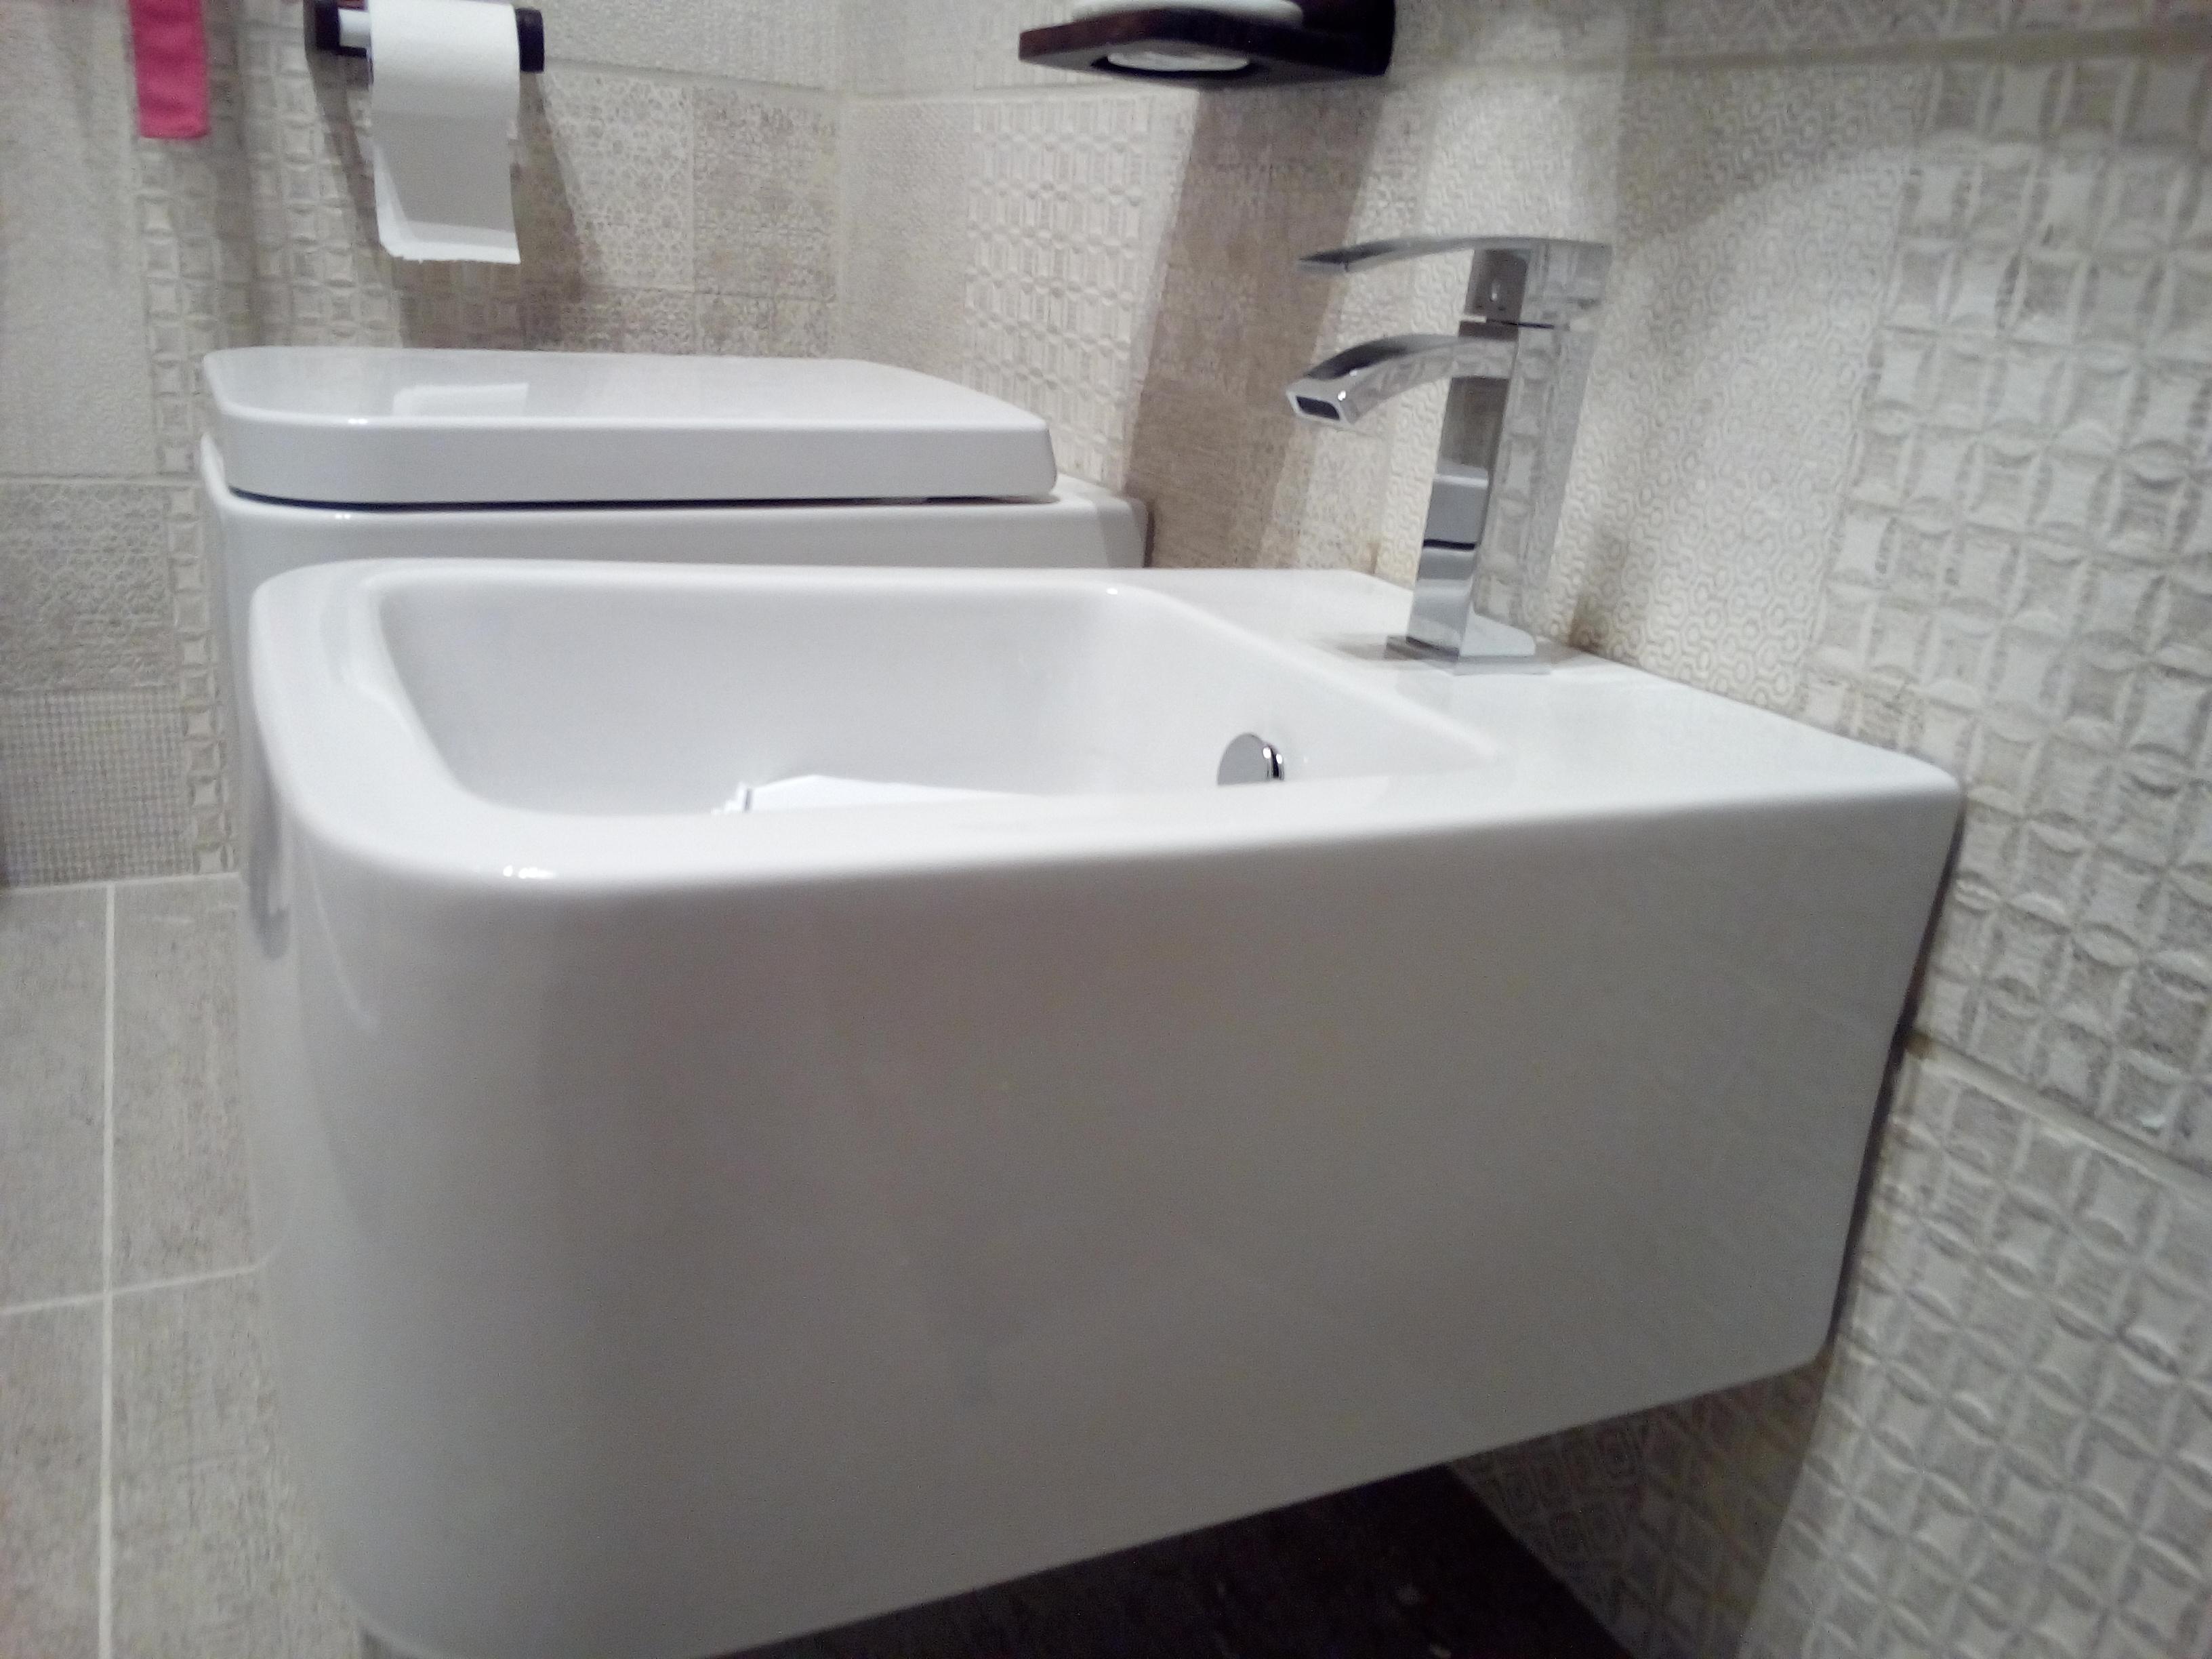 Quanto costa ristrutturare un bagno a roma in muratura - Quanto costa ristrutturare bagno ...